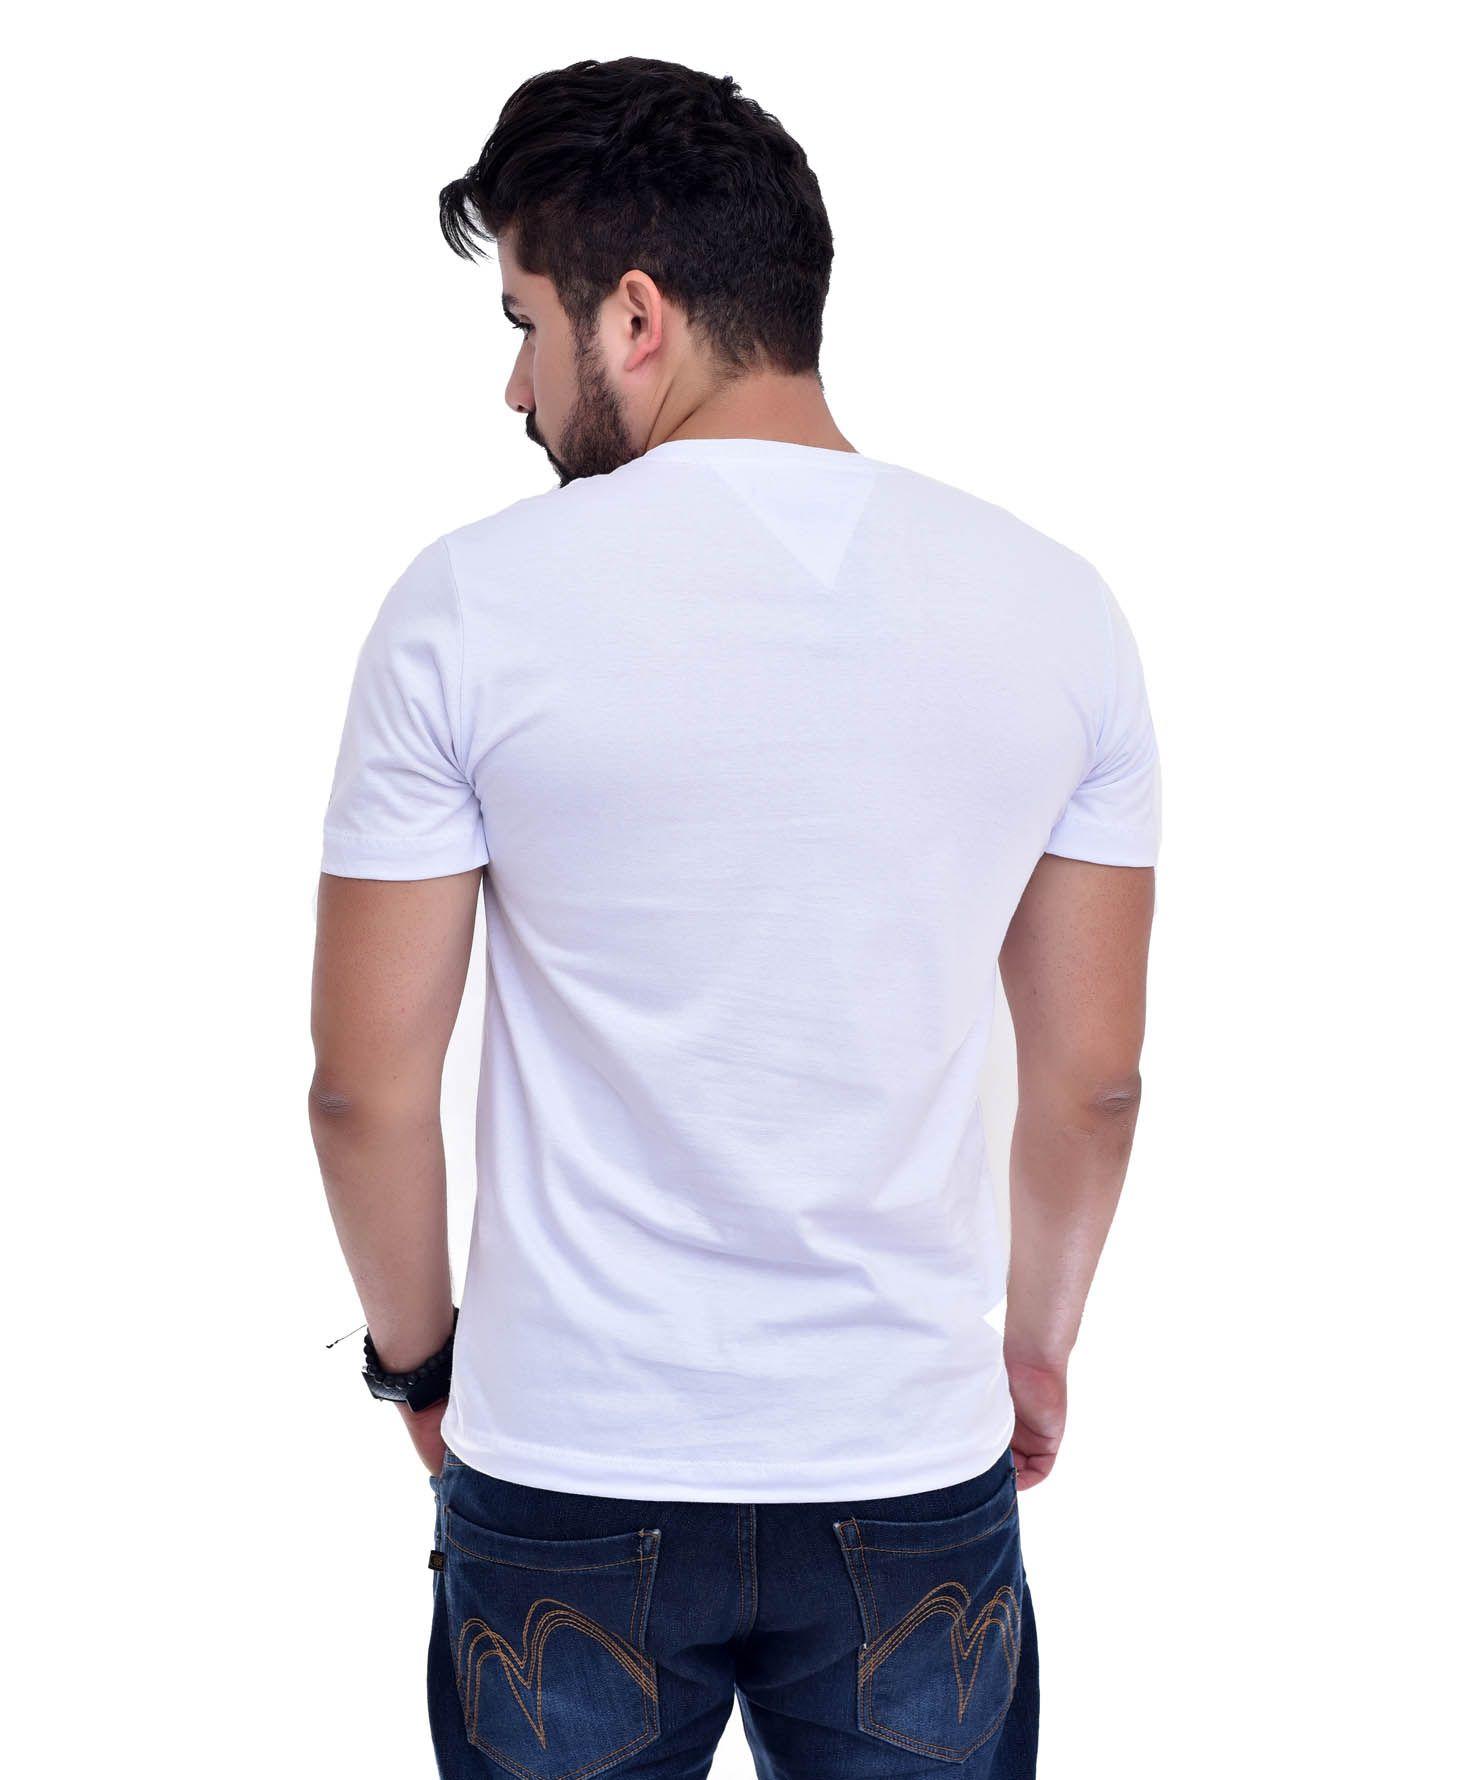 Camiseta Bolso TH Branco / Mescla Escuro  - Ca Brasileira